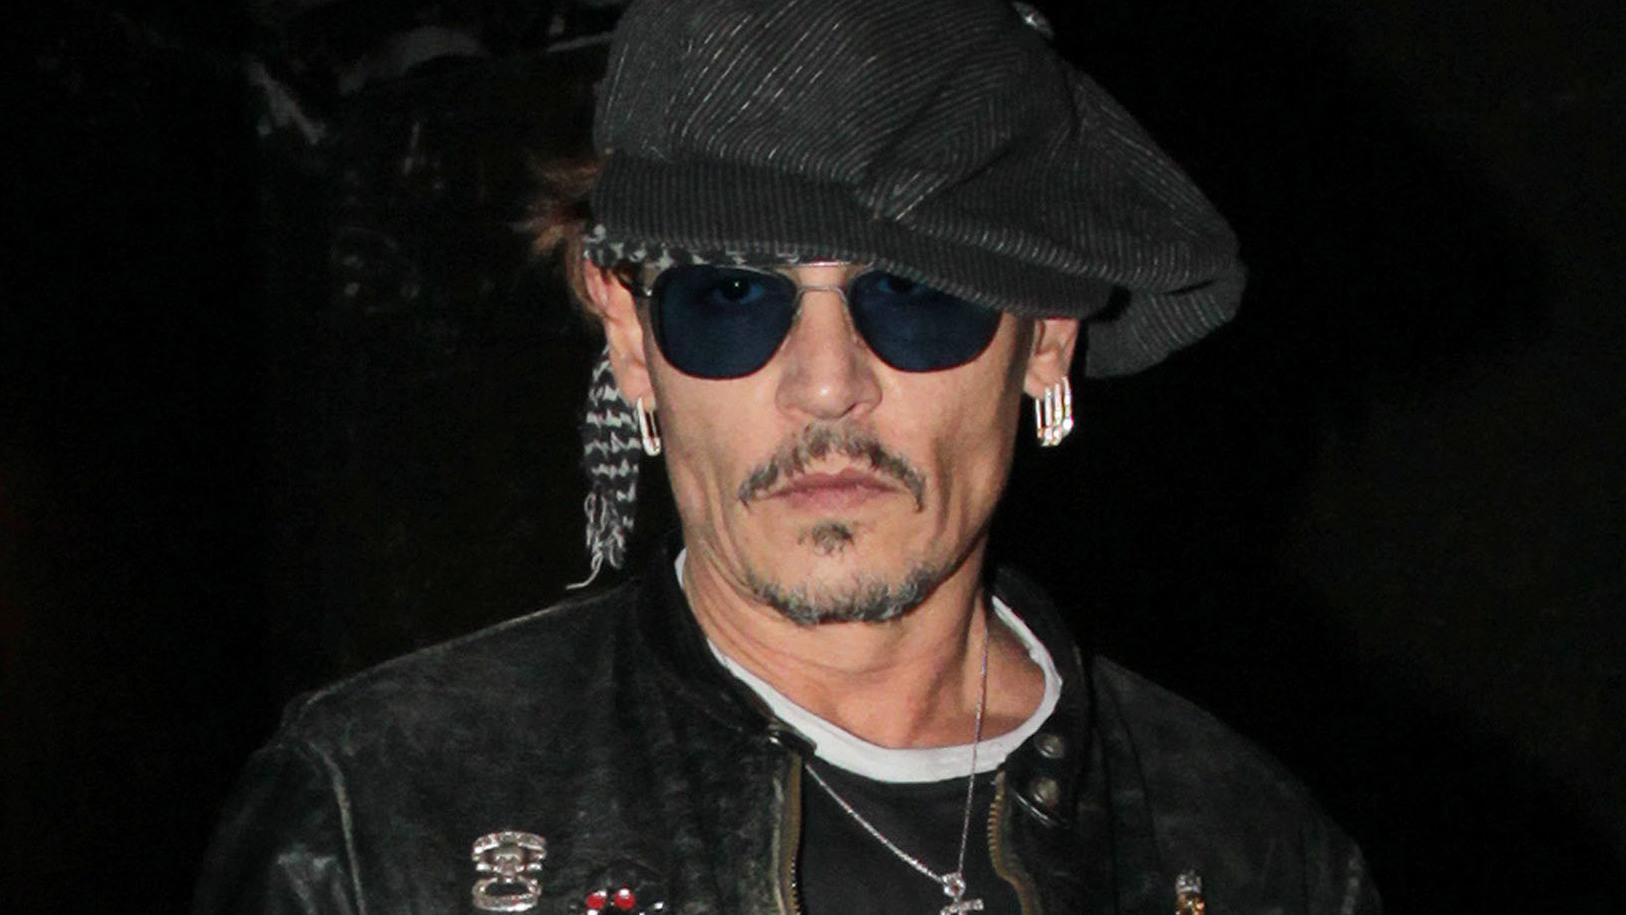 Nach Rosenkrieg: Johnny Depp abgemagert   kurier.at